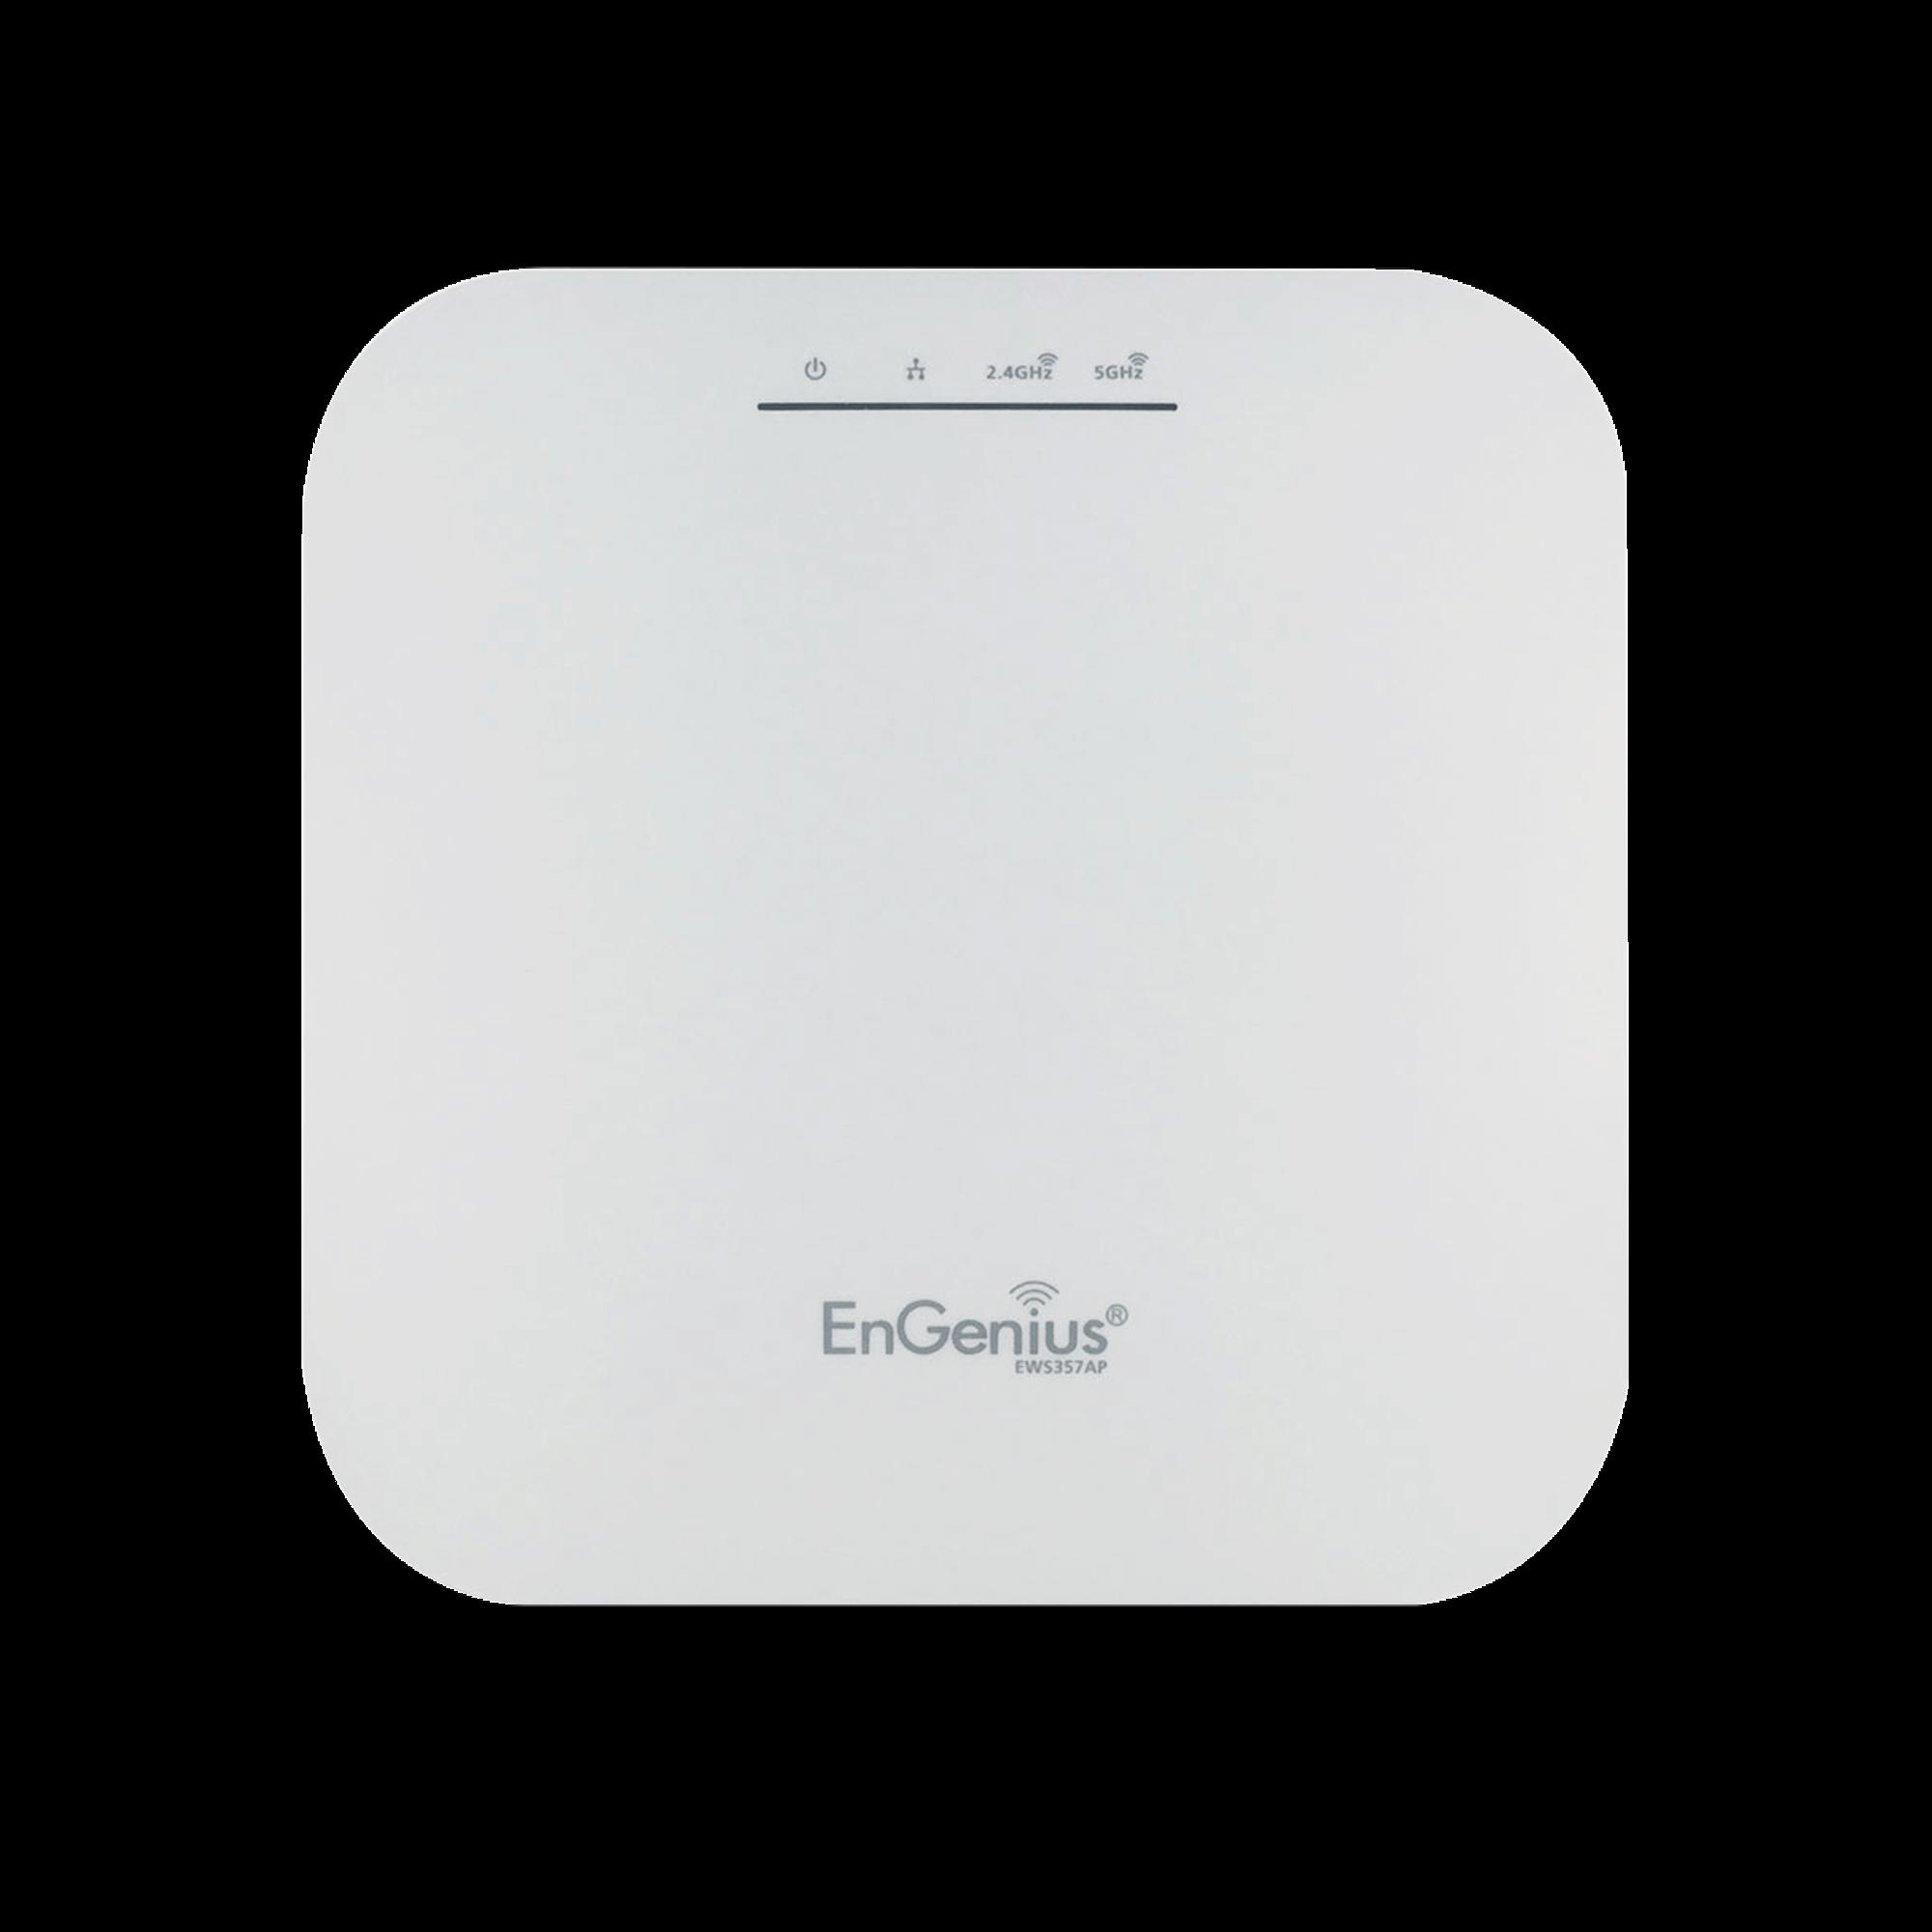 Punto de Acceso WiFi 6, 4x4 para Gran Capacidad de Usuarios, Modo Mesh, Hasta 2,400 Mbps (5 GHz) y 1,148 Mbps (2.4 GHz), Soporta PoE 802.3at